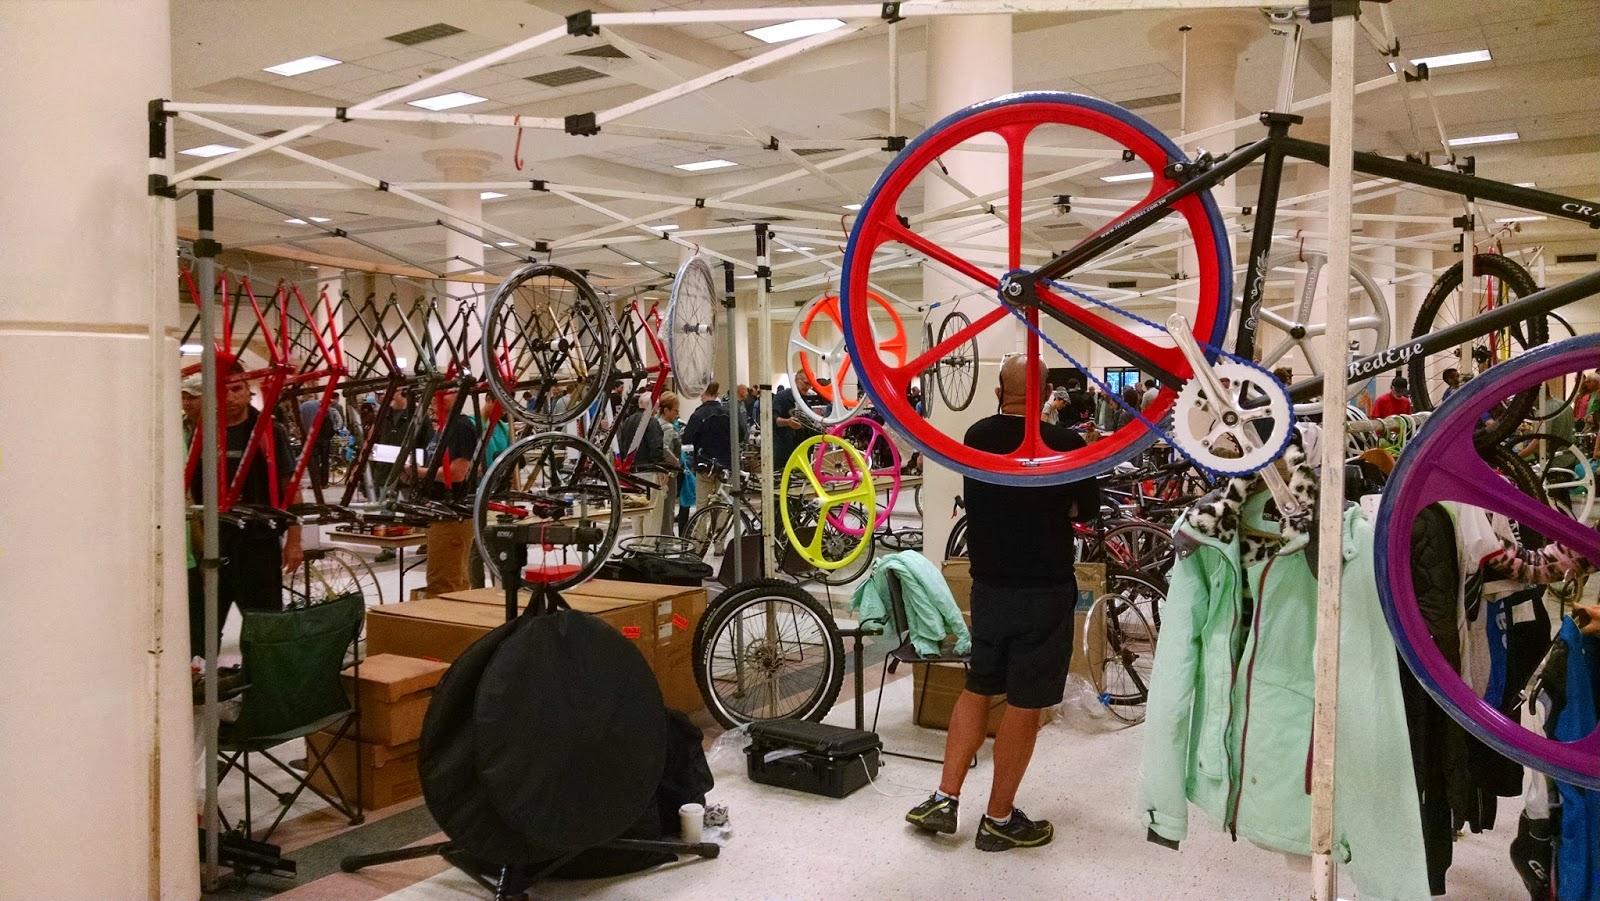 seattle bike swap meet 2012